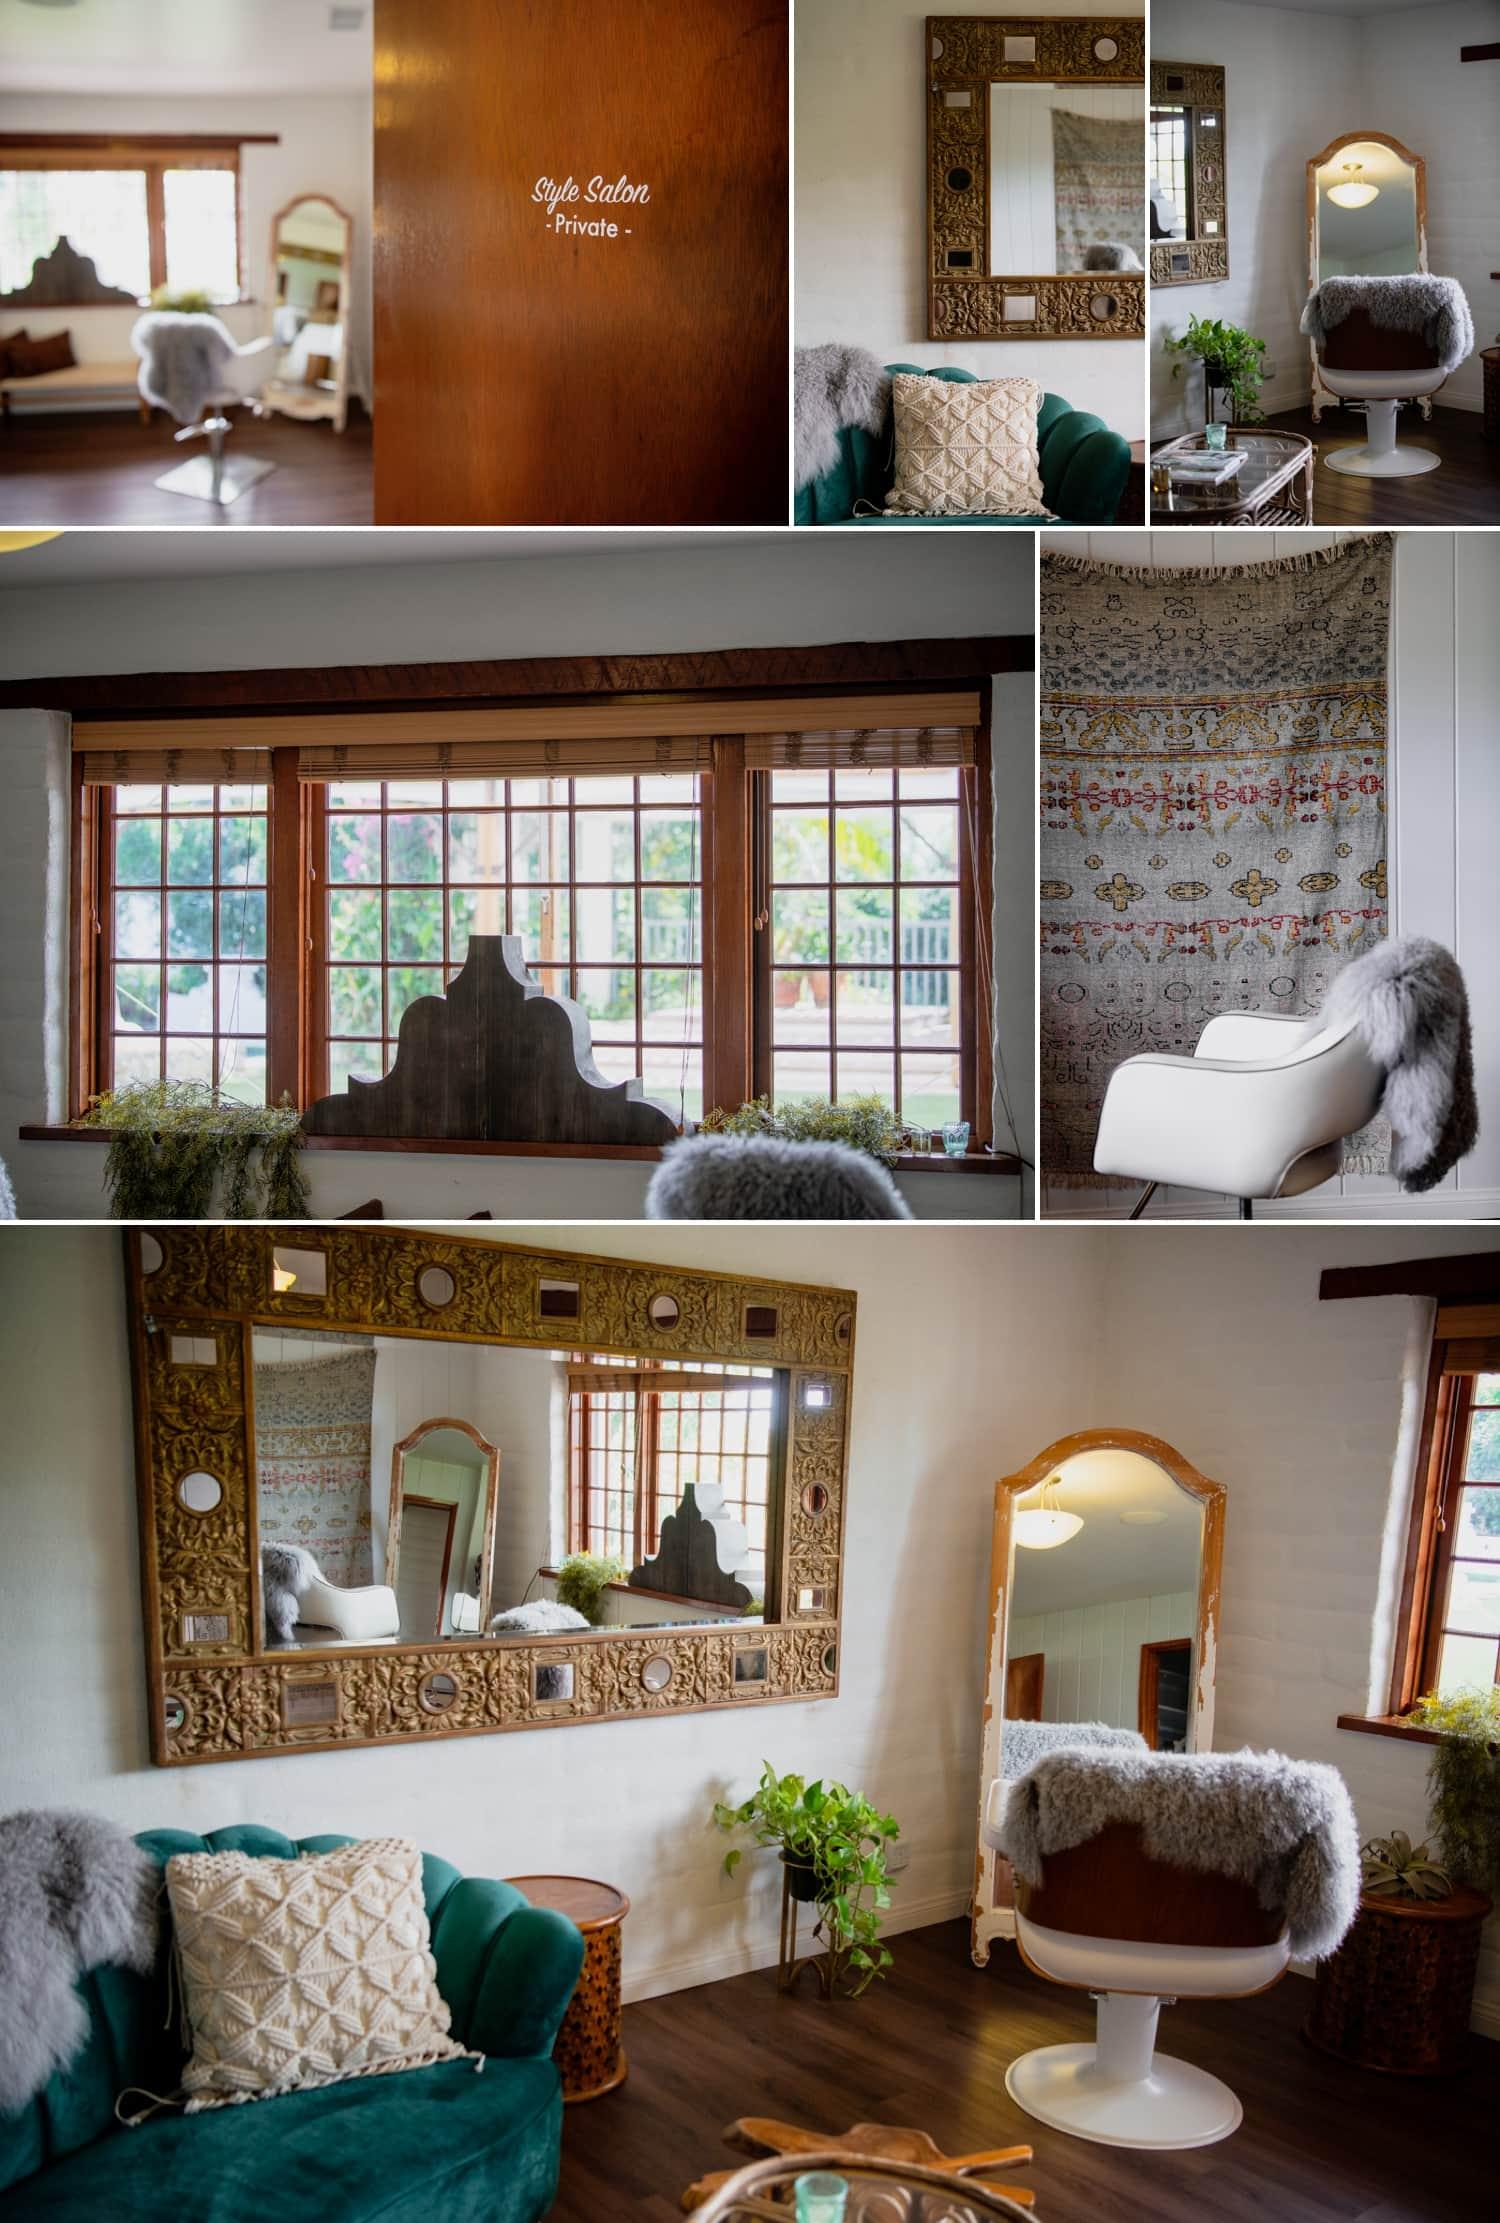 Style salon at Tivoli Italian Villa in Fallbrook